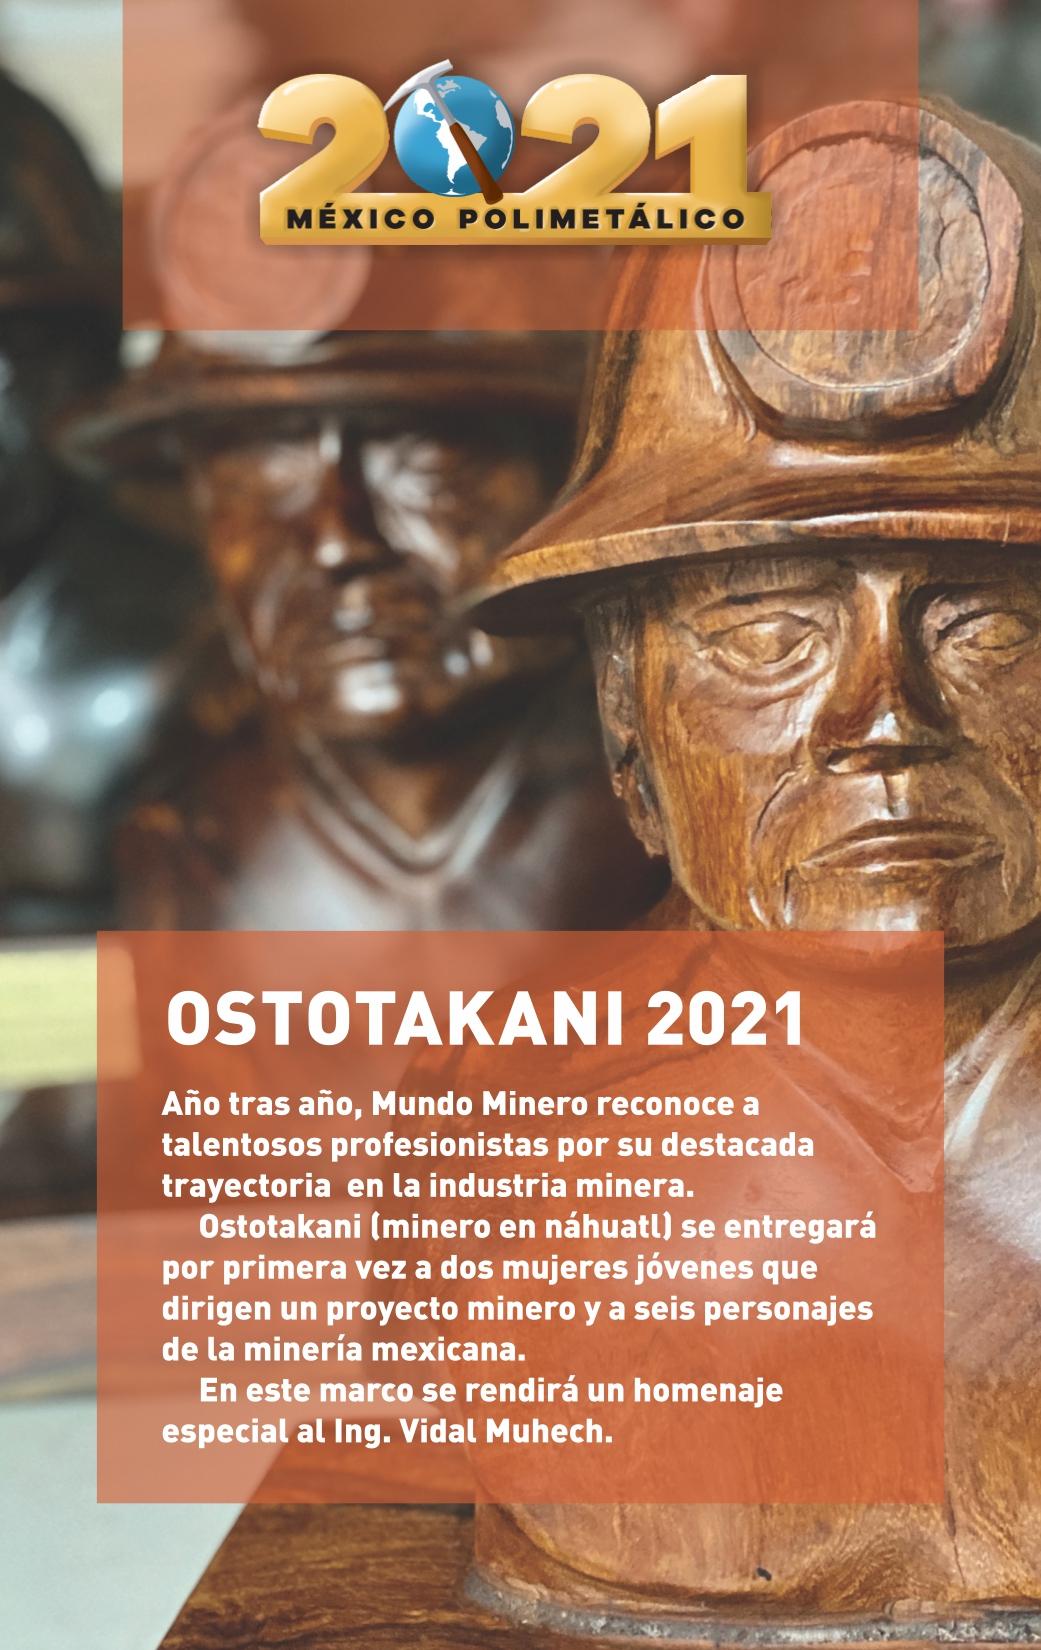 Mexico Polimetalico Ed. 2021_page-0003